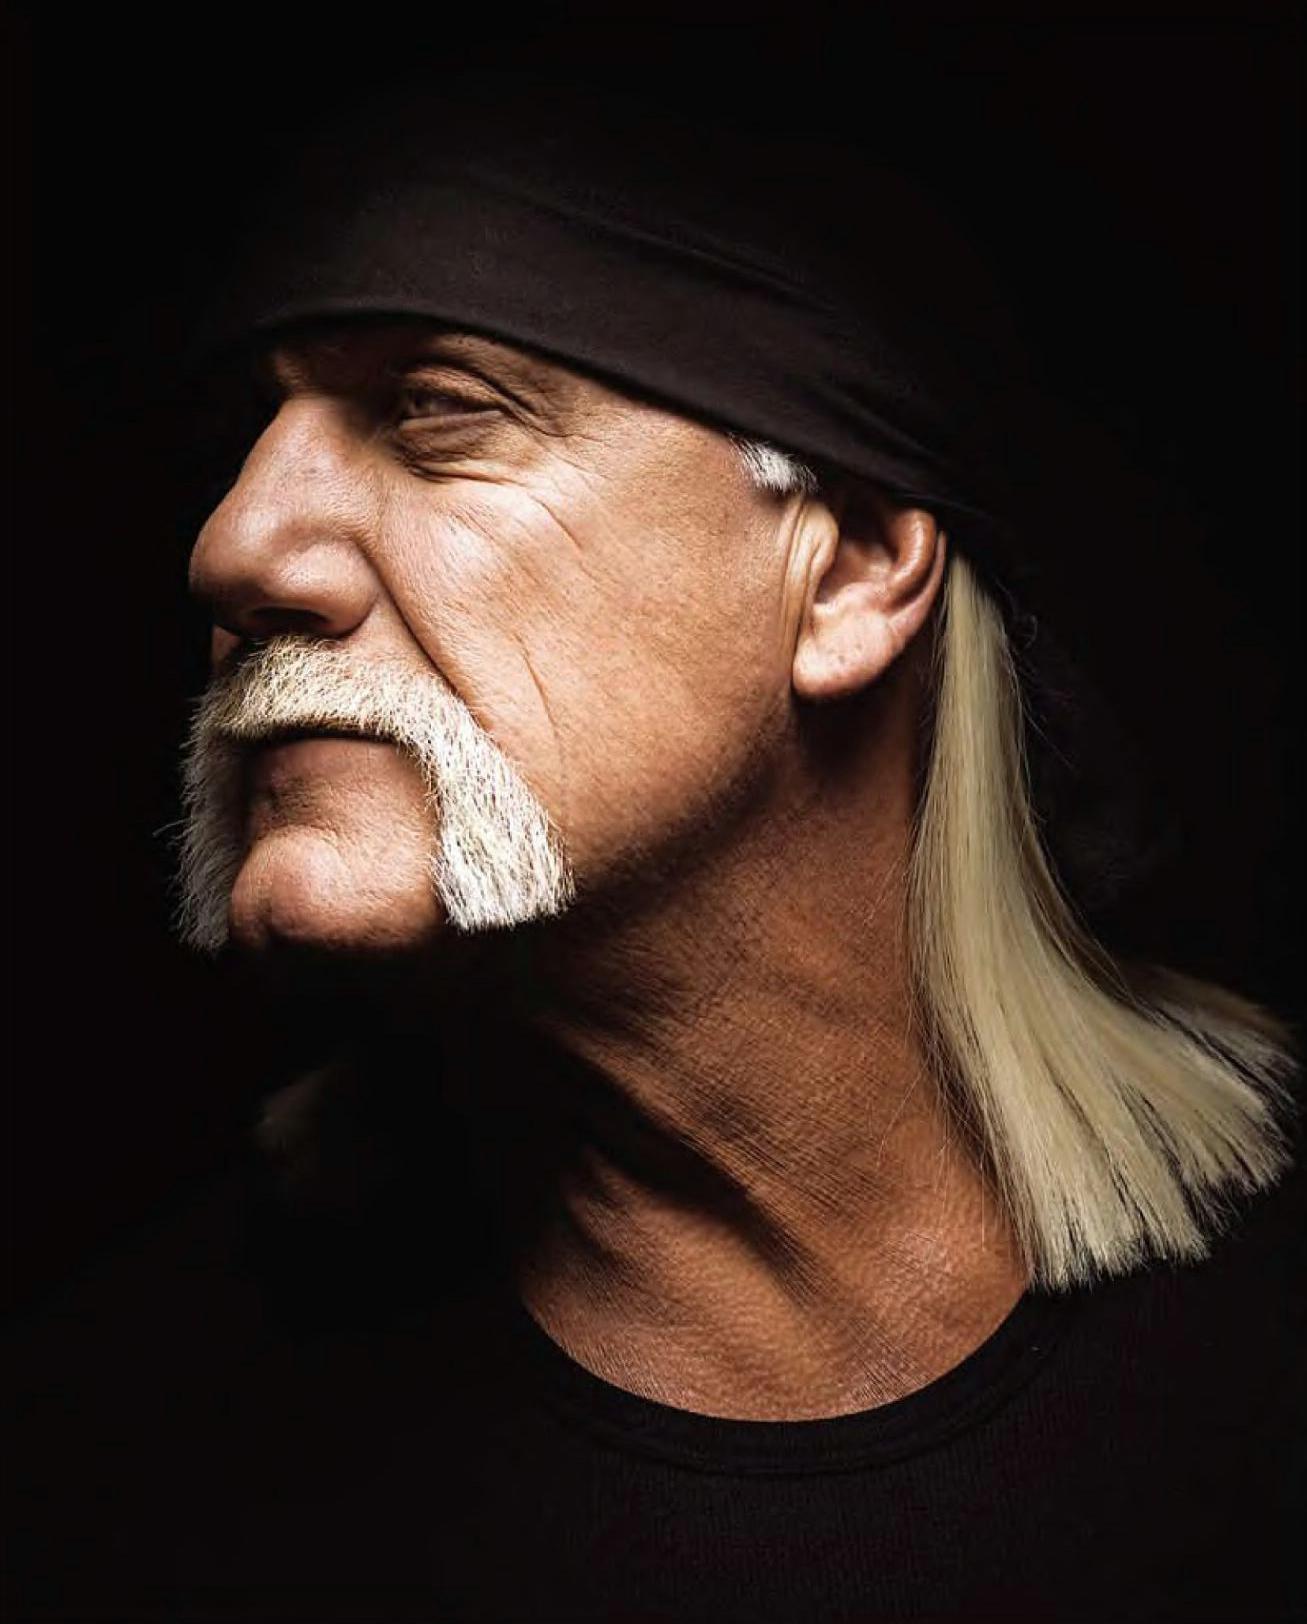 Brooke Hogan, Hija de la leyenda Hulk Hogan (with images) . Alexx_Cpa ...